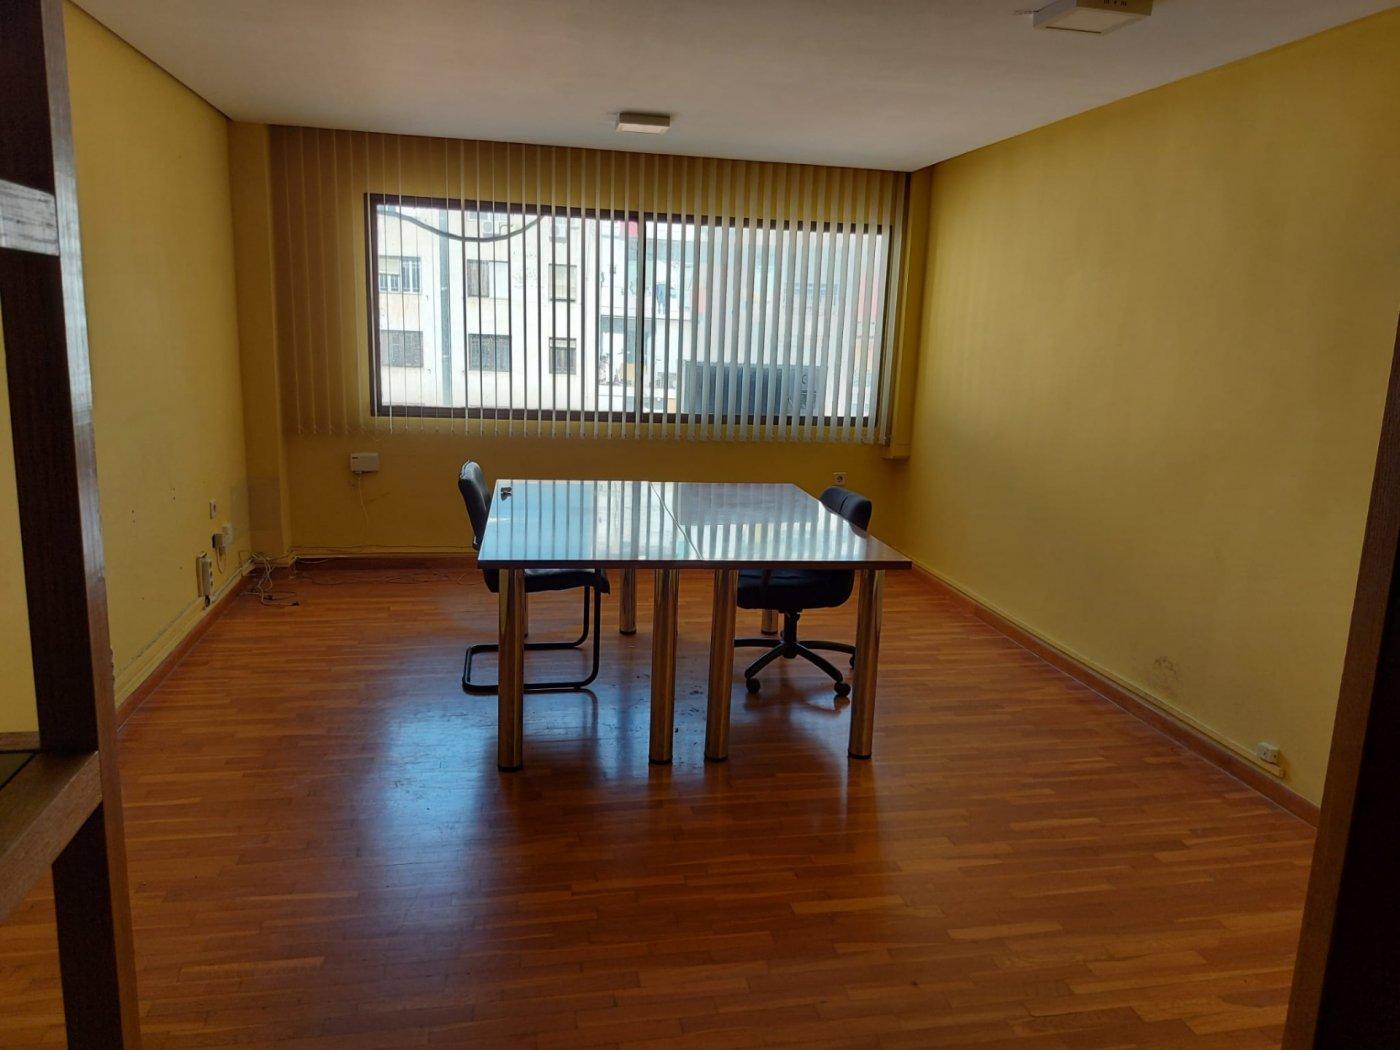 Oficina en venta o alquiler en el centro de alicante - imagenInmueble10